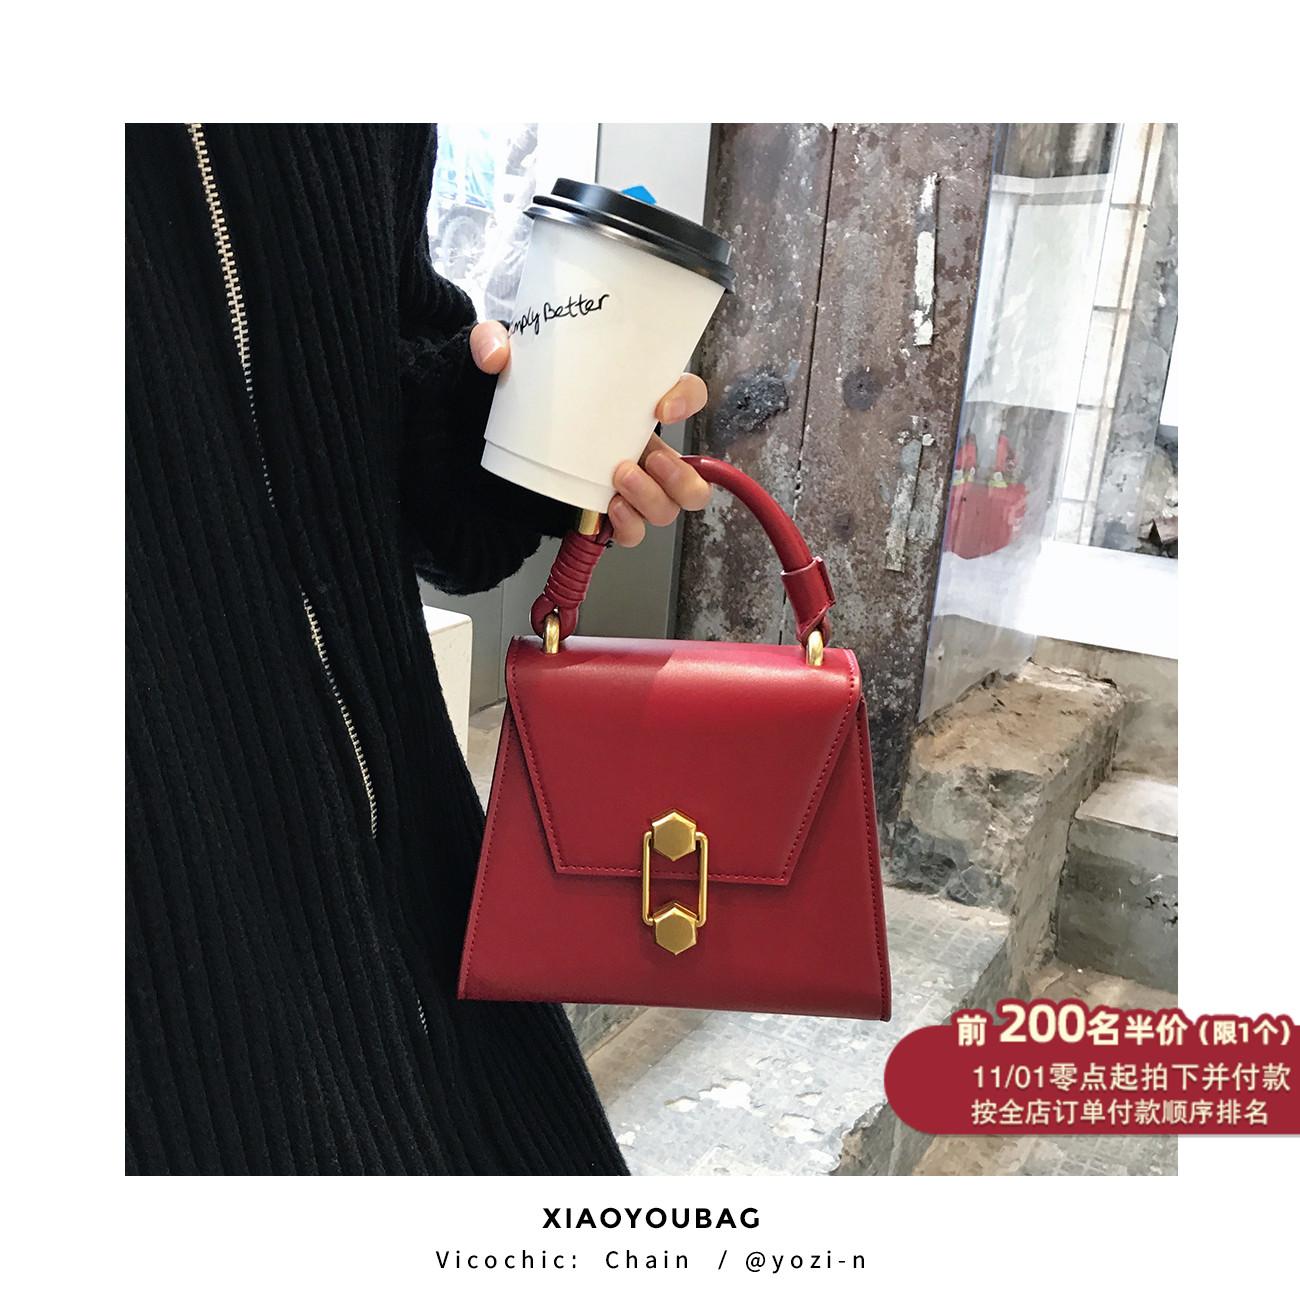 红色手提包 小优家包包 红色新娘婚包手提包女小包包2021新款潮单肩斜挎包_推荐淘宝好看的红色手提包